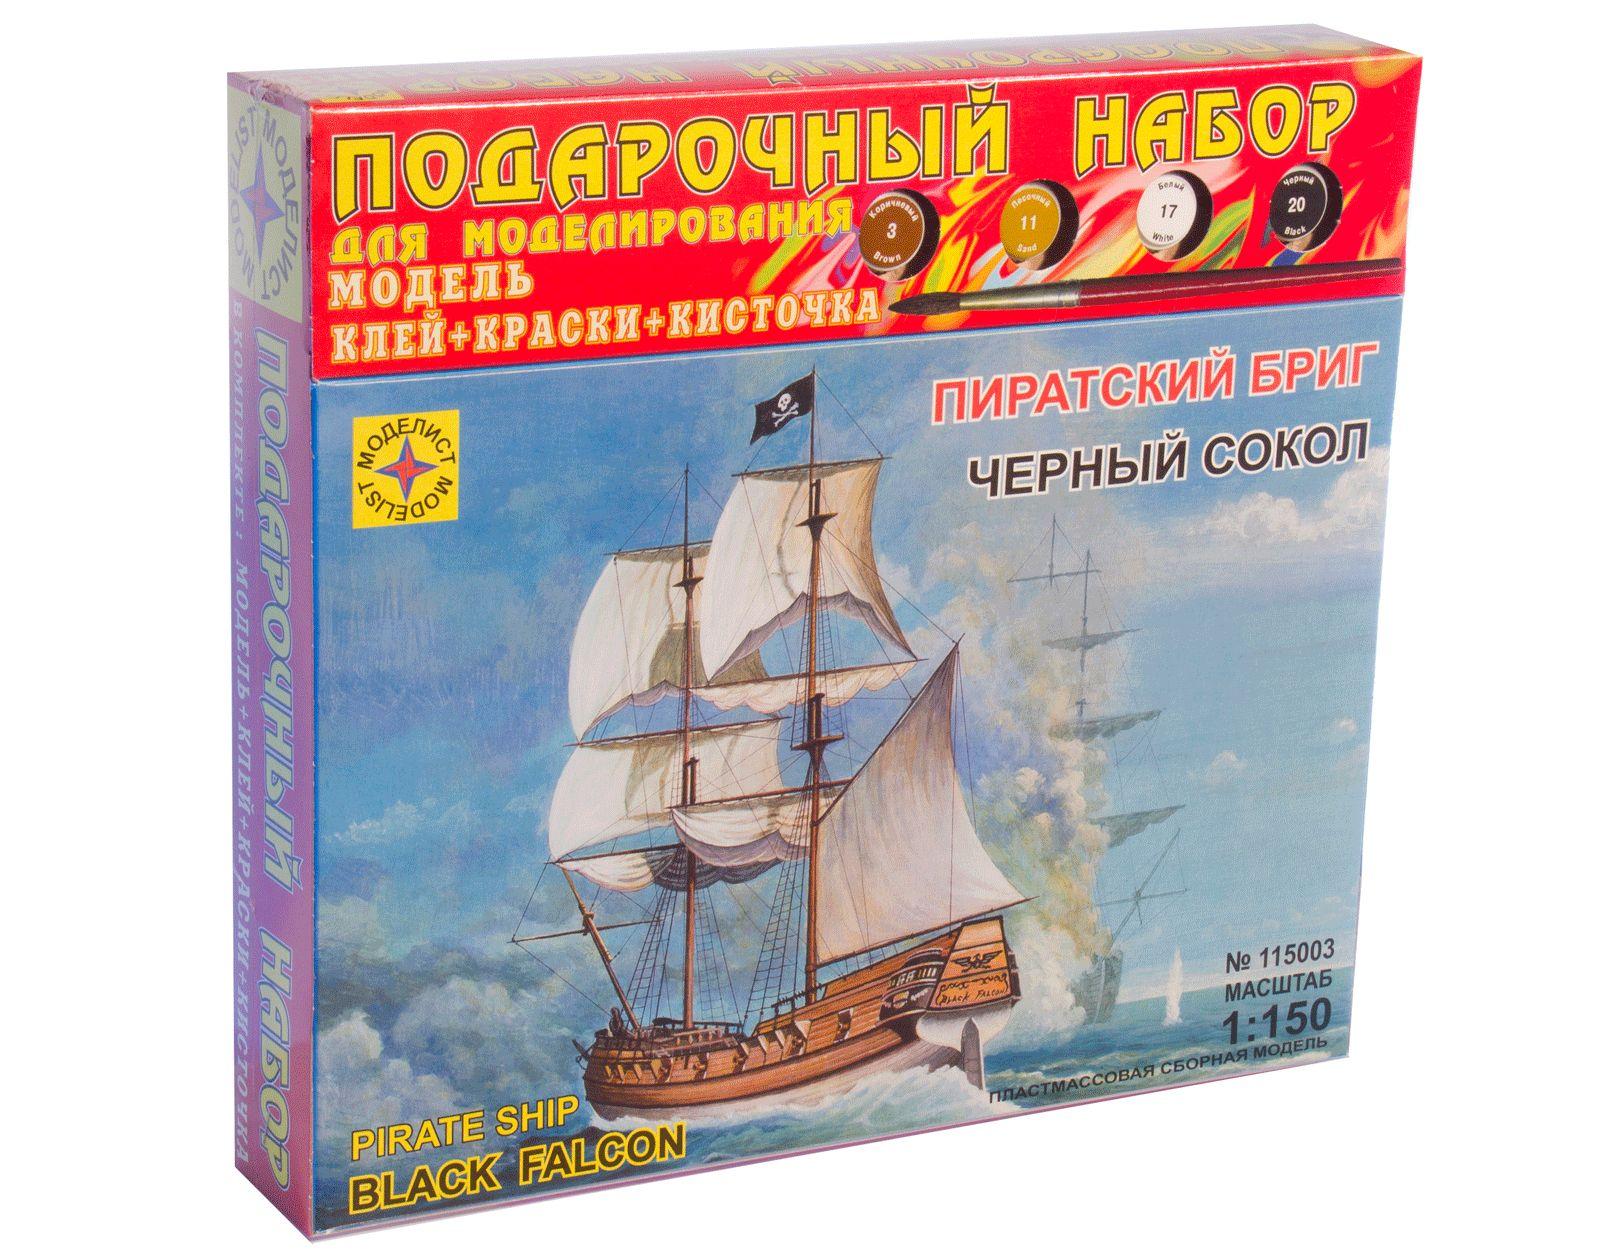 Сборная модель Пиратский бриг Черный сокол (1:150)